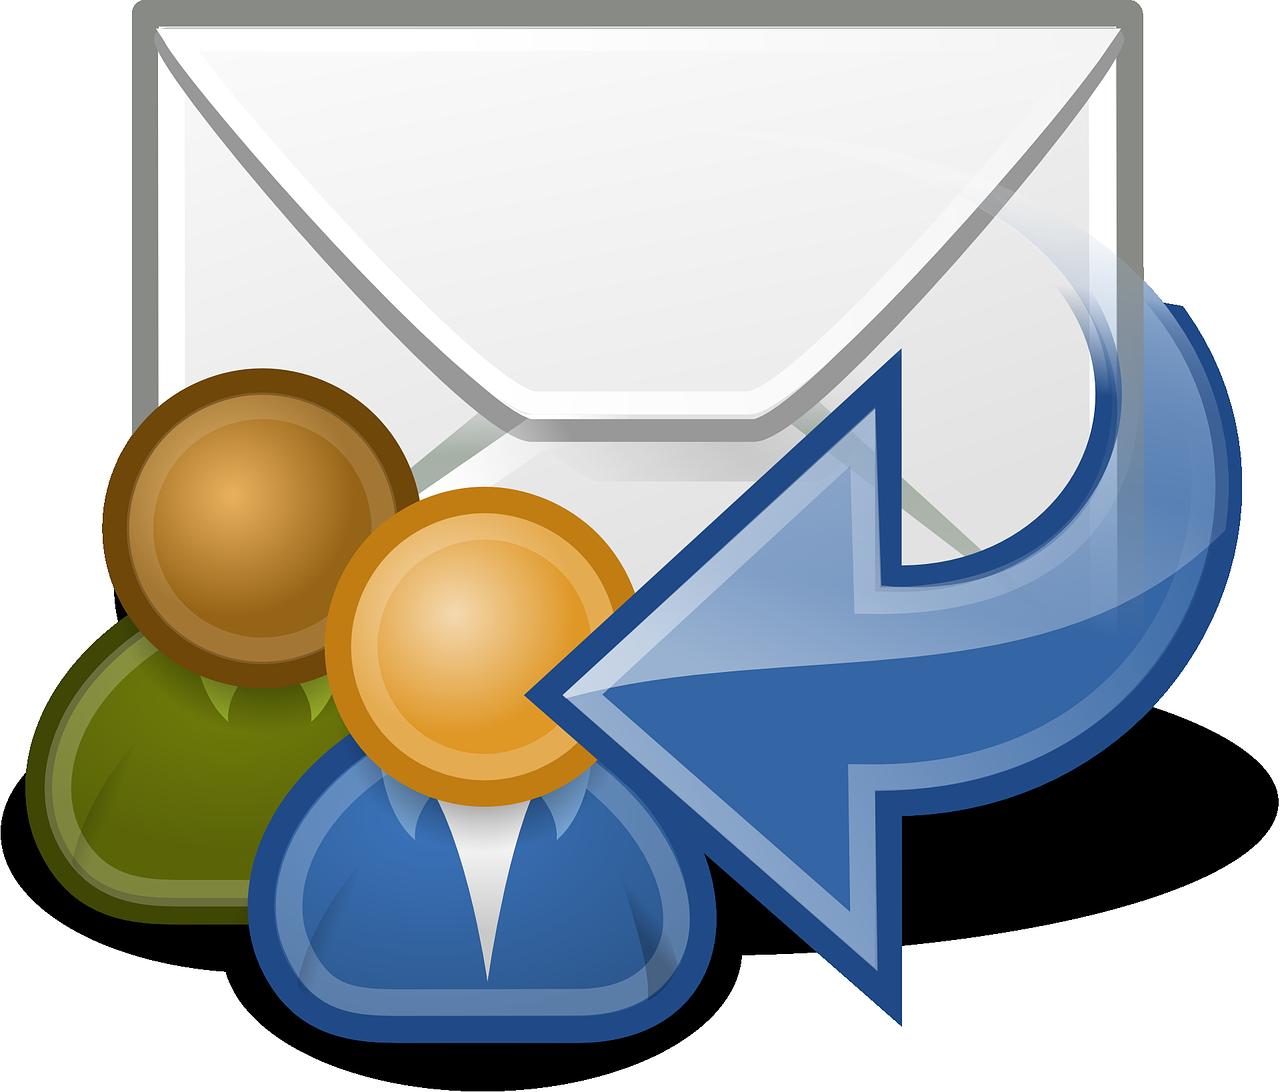 メールへの返信をするかしないか。絶対に守ろうと考えているのは「返信くらいするでしょ!」を外さないこと。